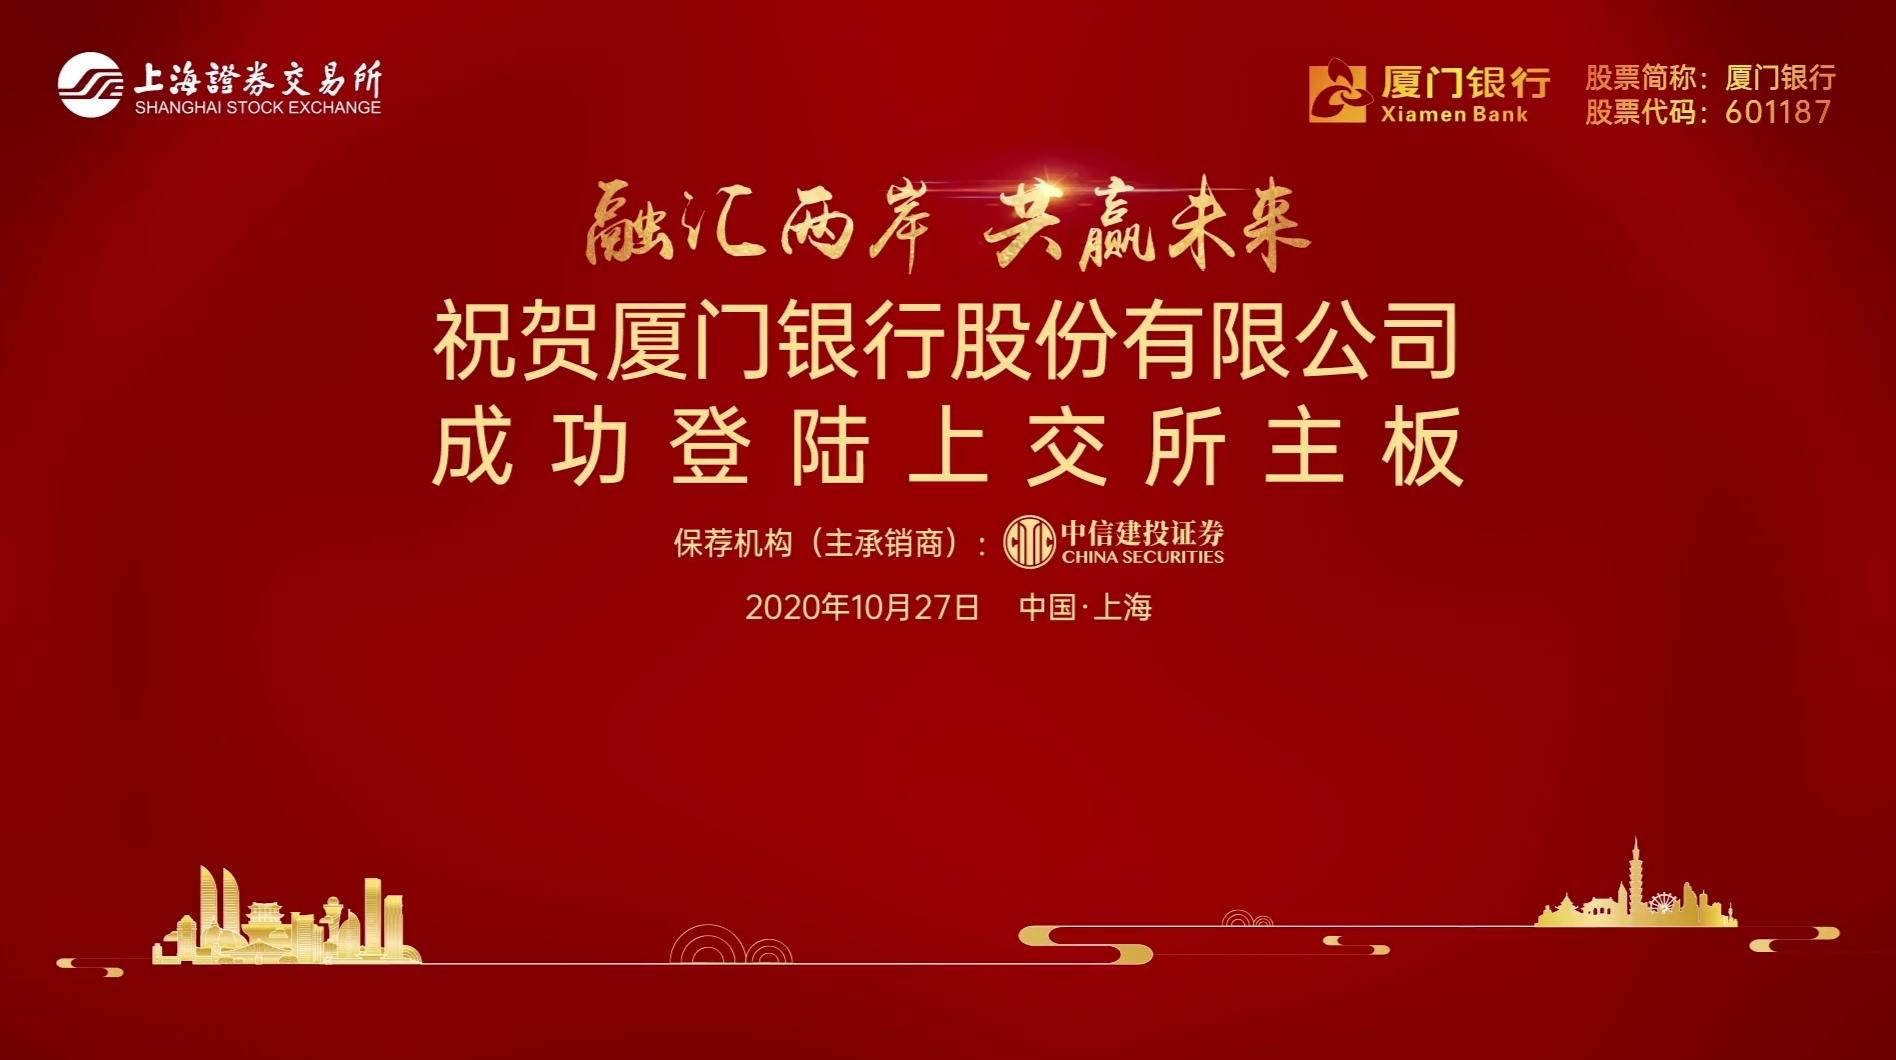 热烈祝贺舜天股份参股企业厦门银行成功上市